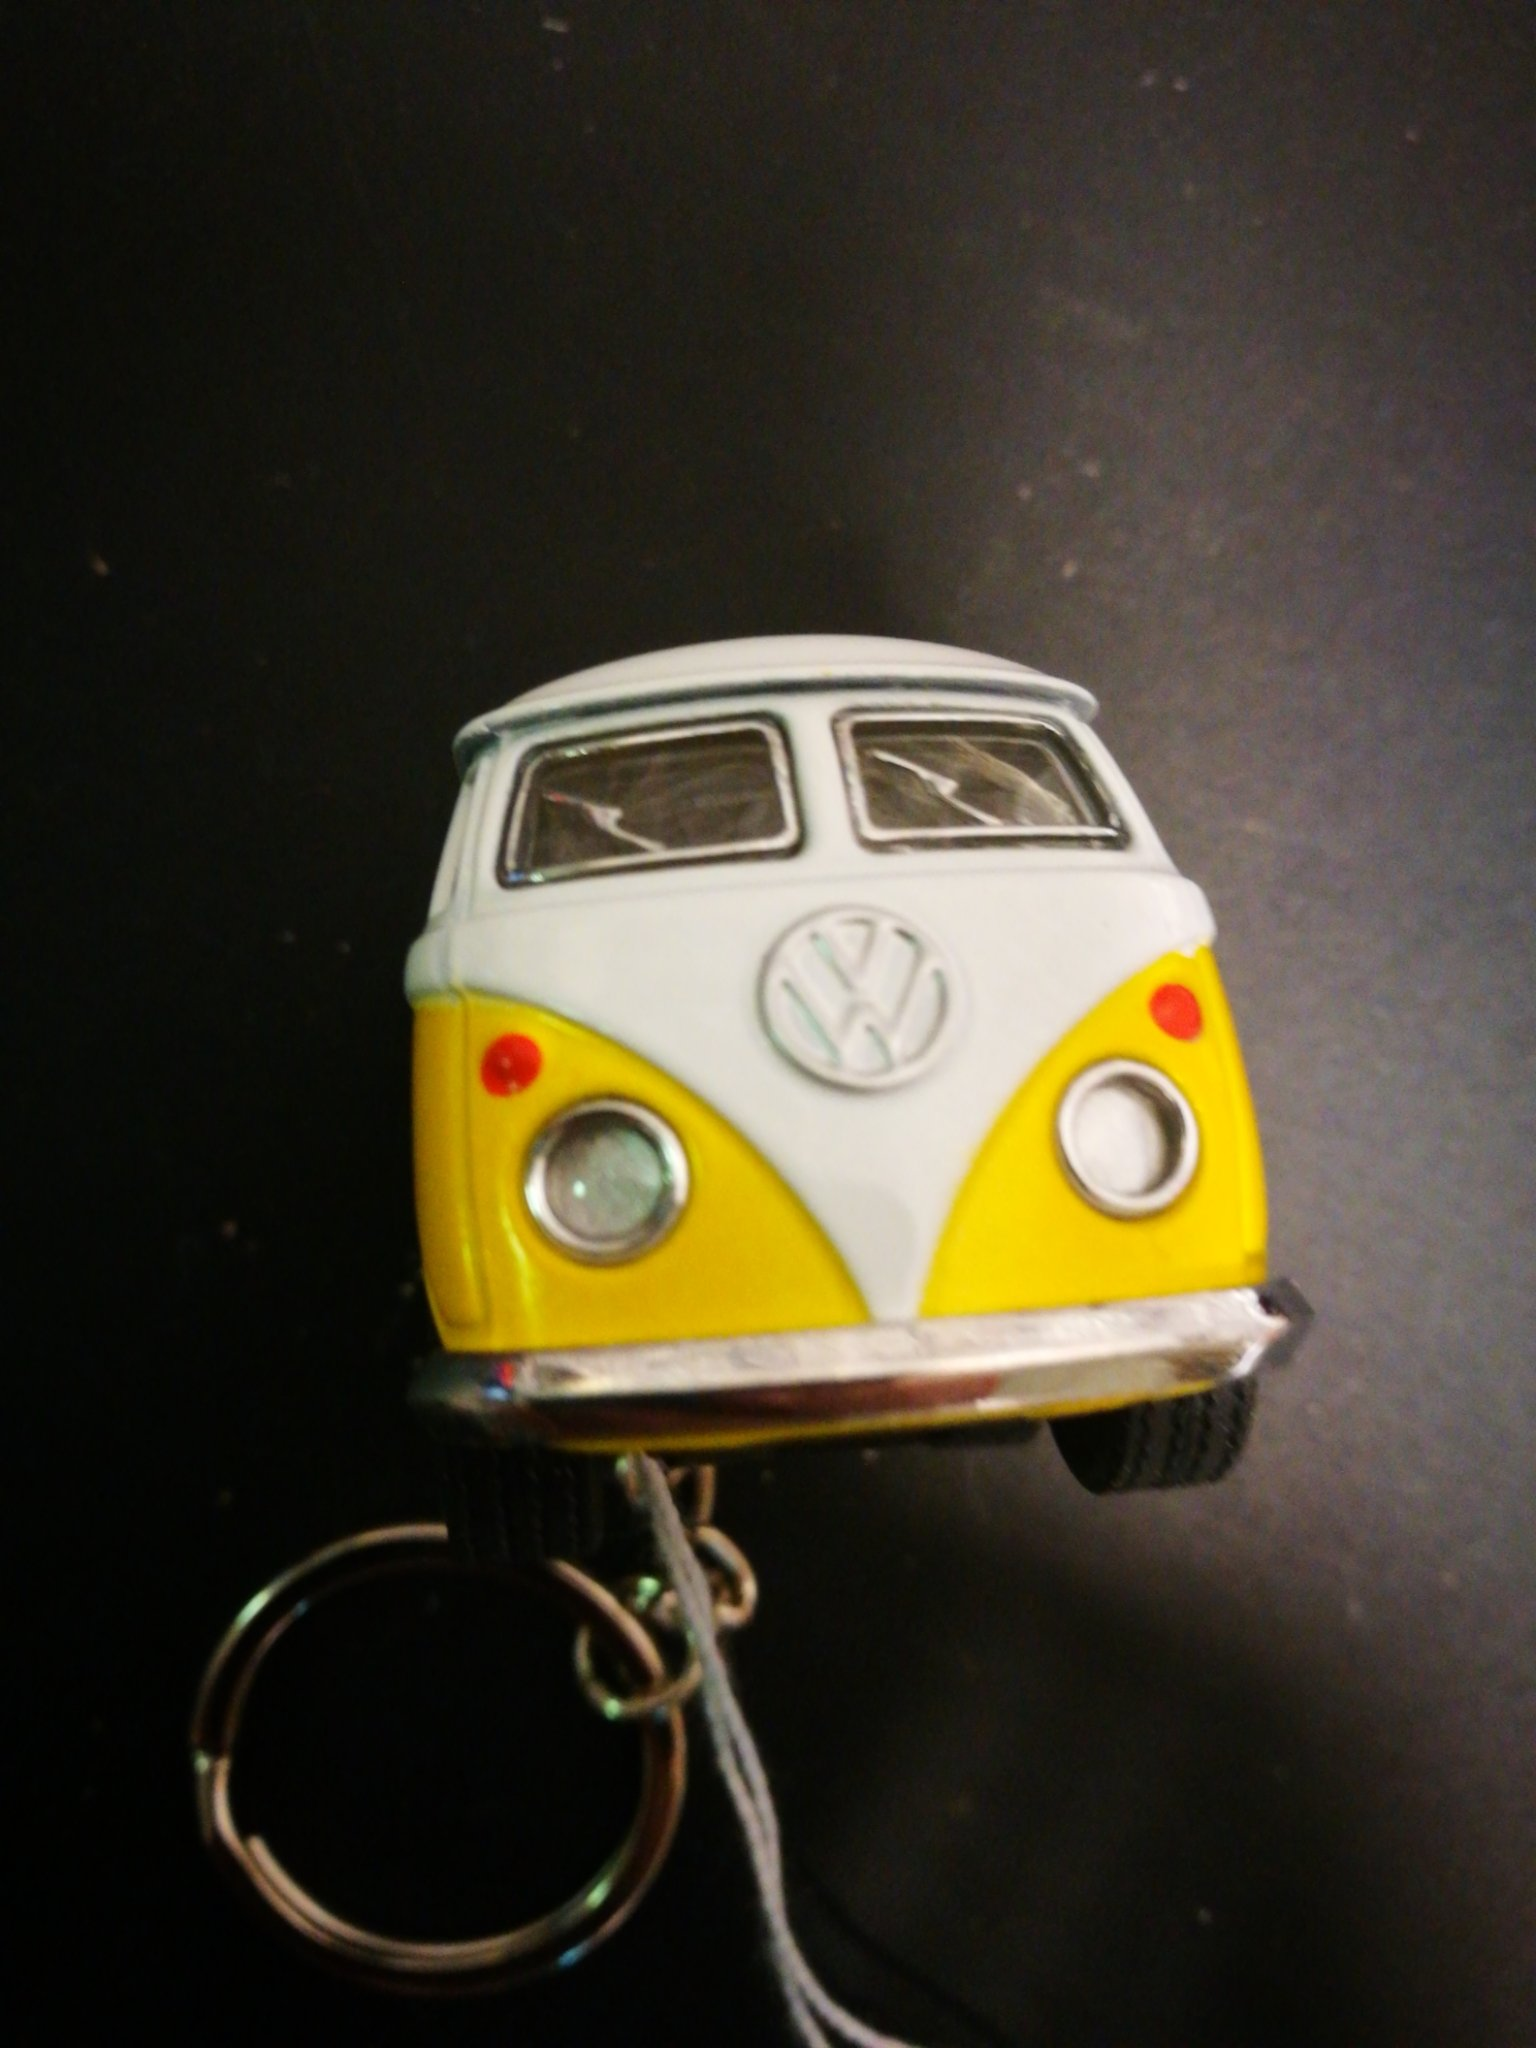 VW bus sleutelhanger